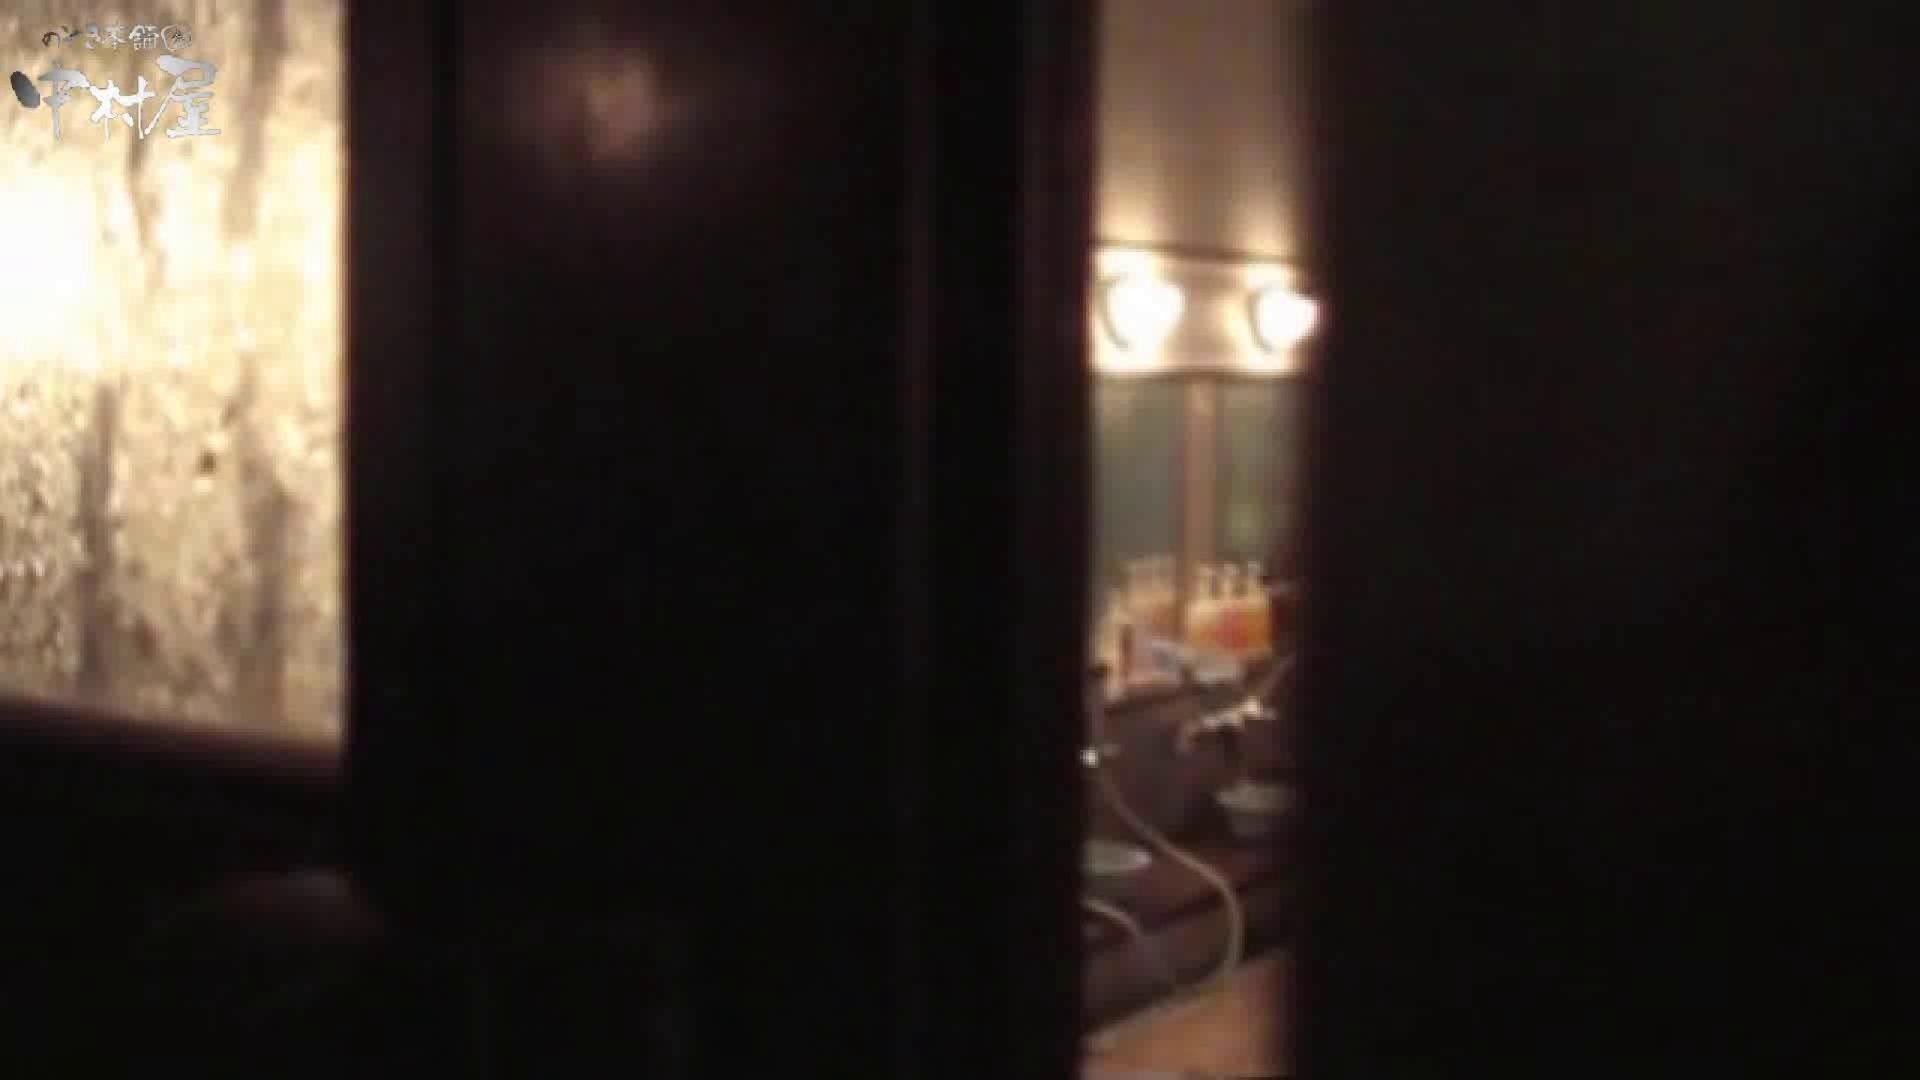 民家風呂専門盗撮師の超危険映像 vol.009 美女ヌード AV動画キャプチャ 104画像 2